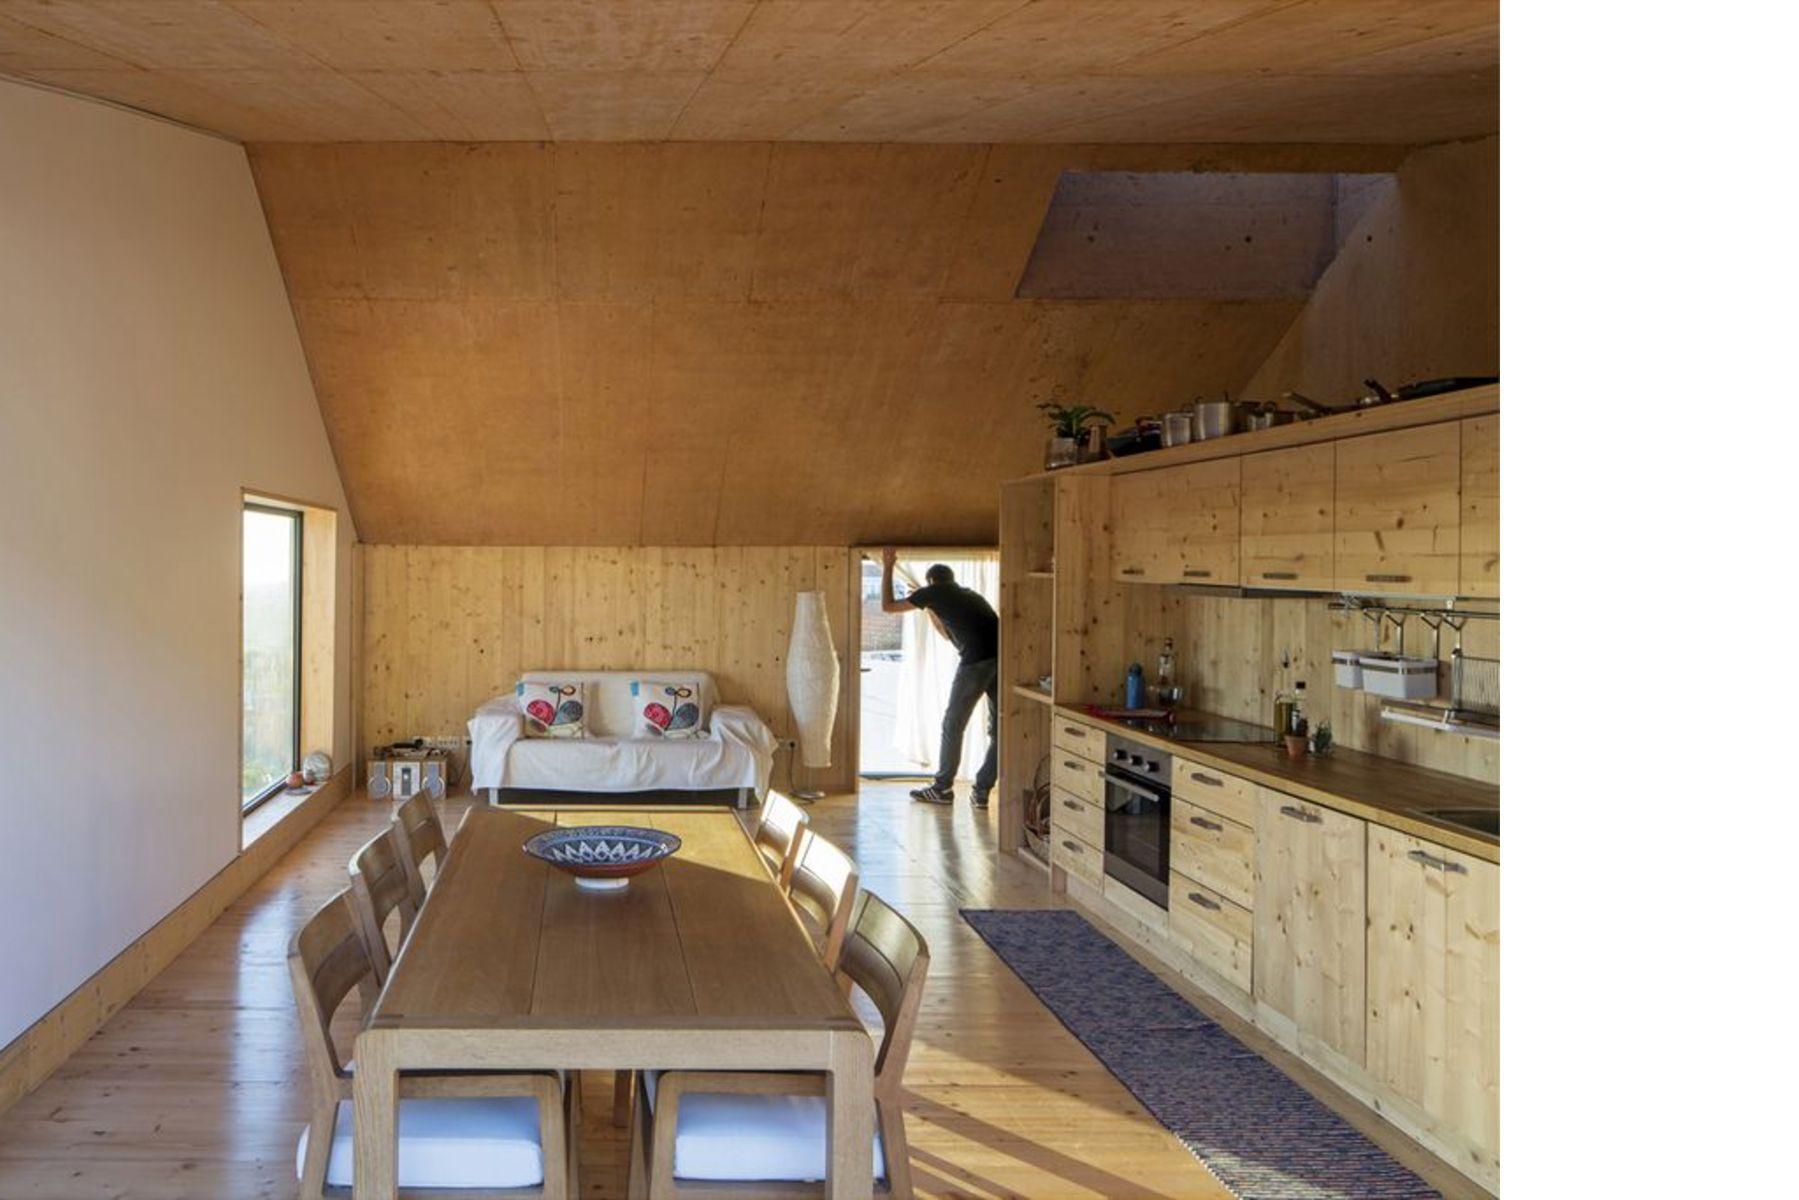 Ze Home Ein Neues Haus Von Paratelier In Palmela (Portugal)